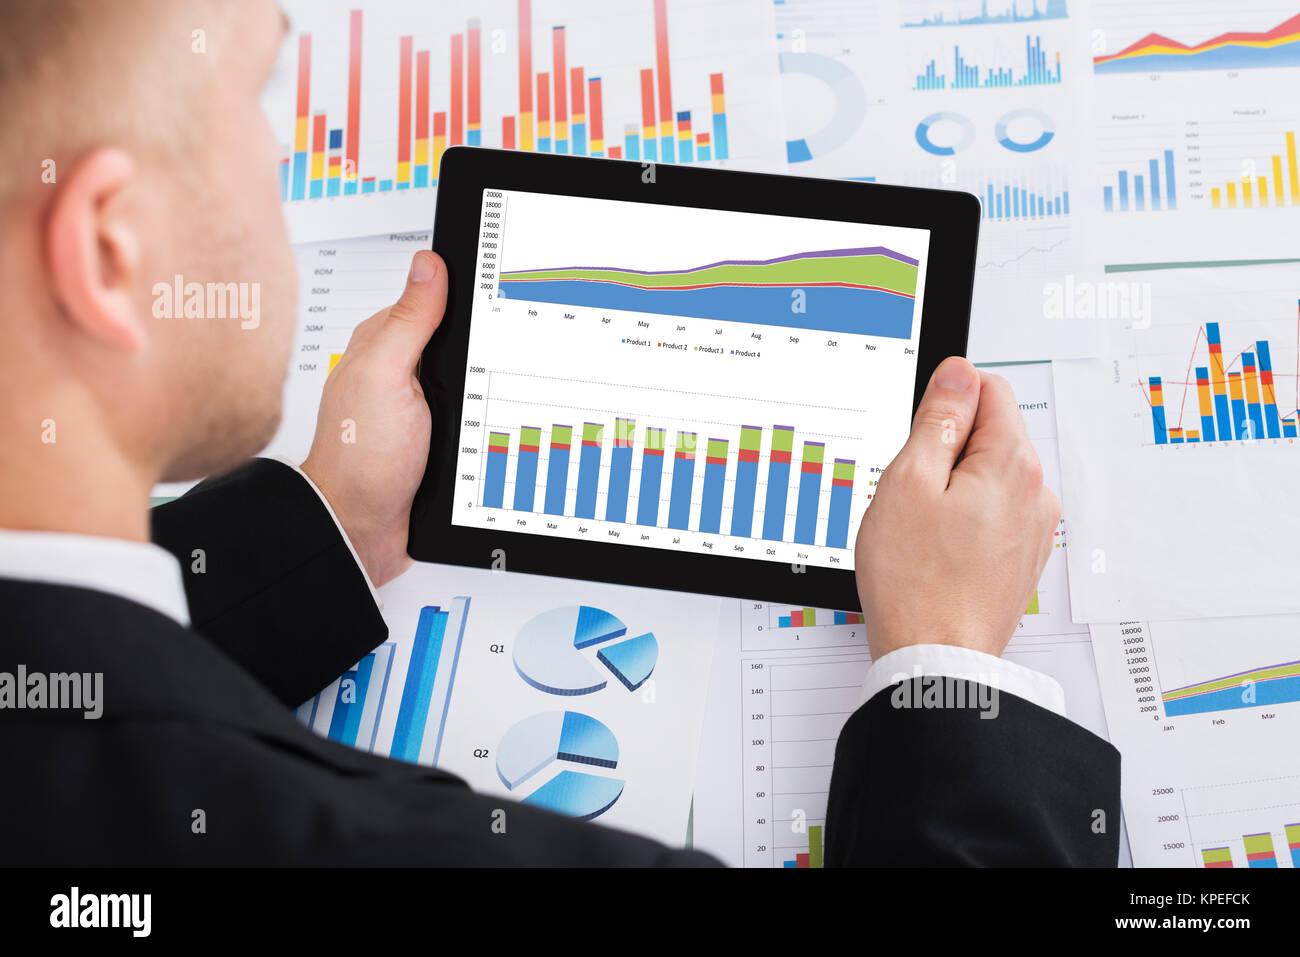 I mediatori analizzando il grafico su tavoletta digitale Immagini Stock